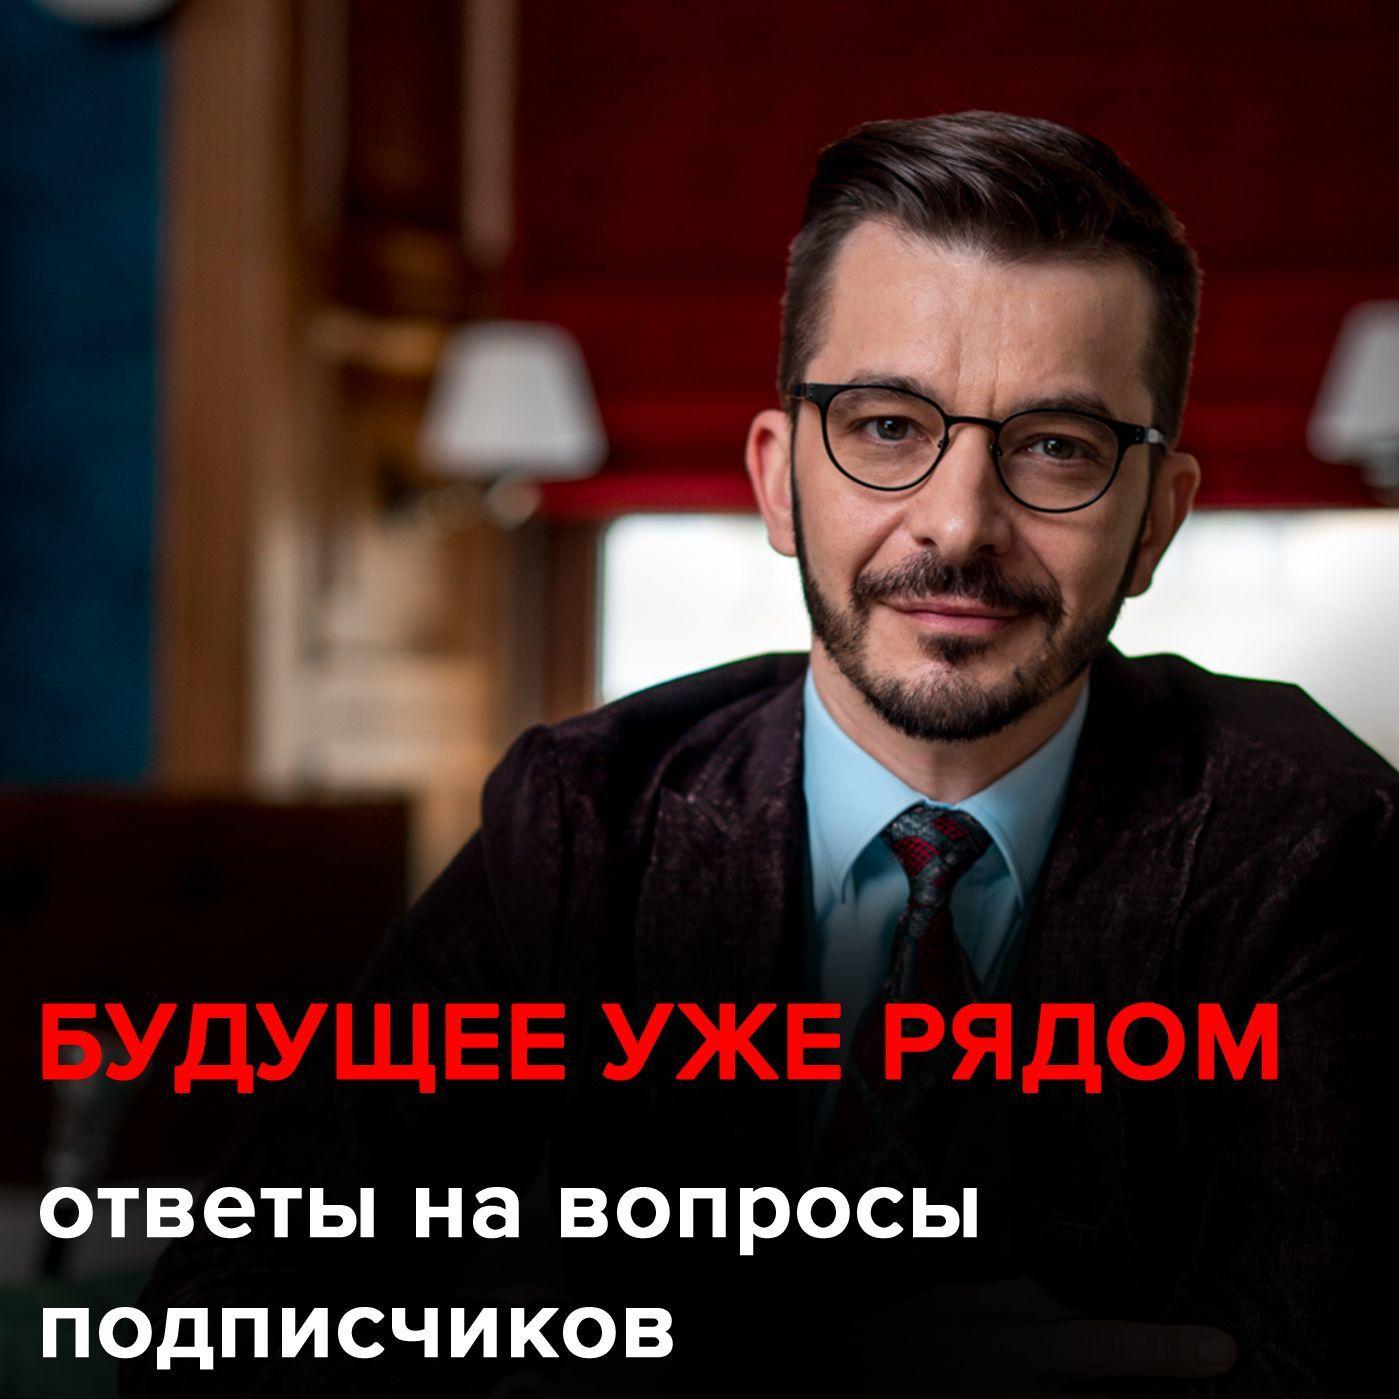 Андрей Курпатов Будущее уже рядом. Что нас ждет? Андрей Курпатов отвечает на вопросы подписчиков.